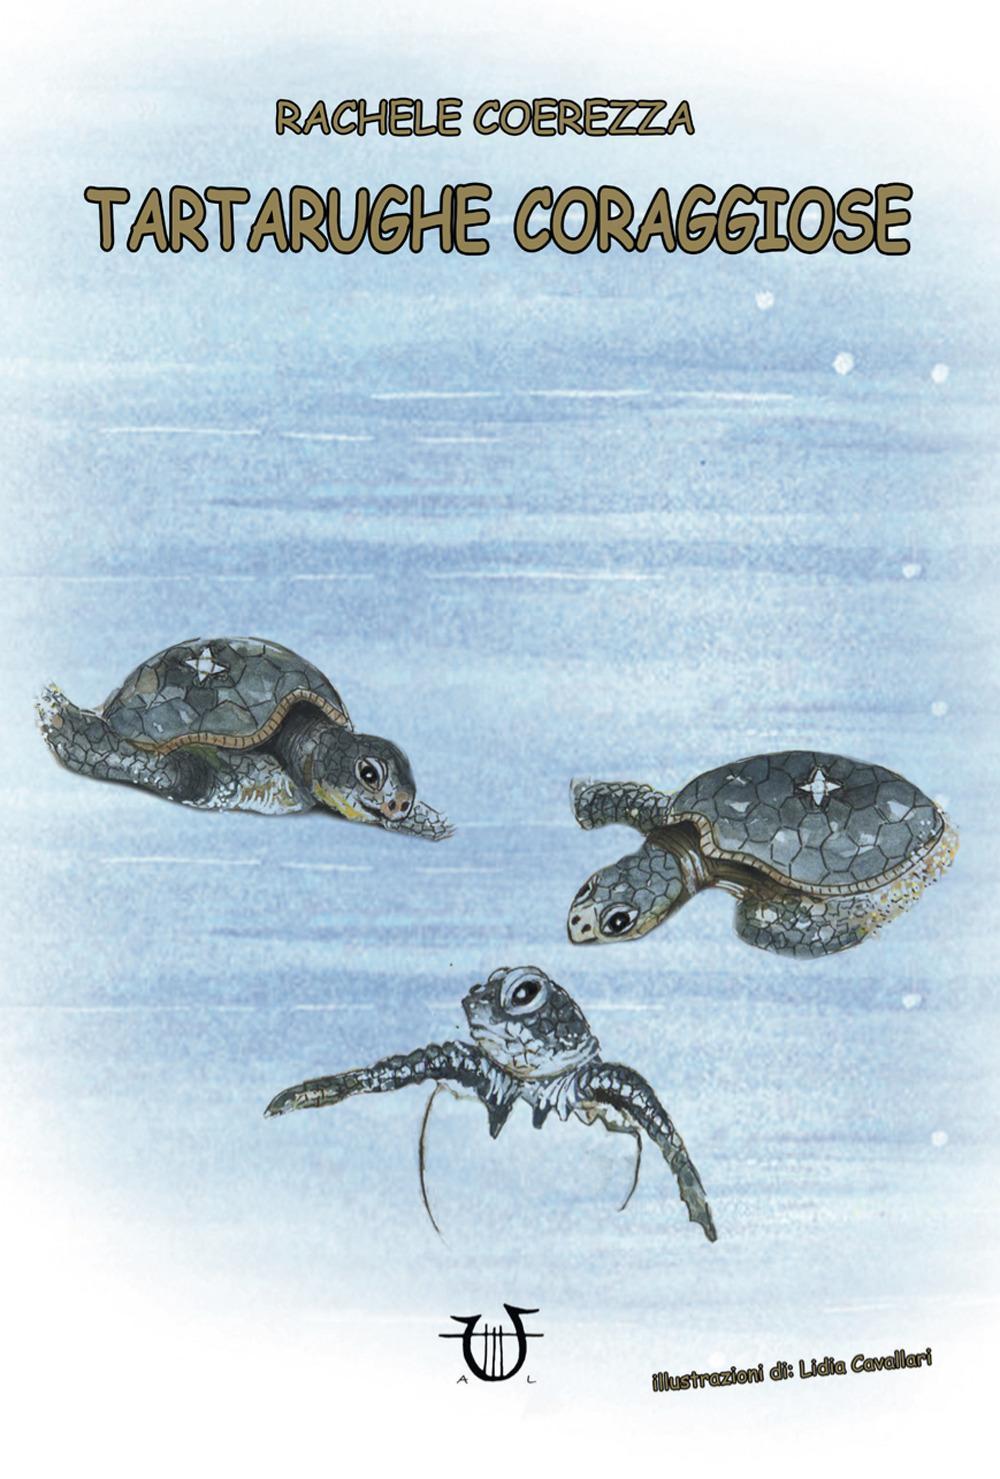 LETTURE PER RAGAZZI E BAMBINI – Tartarughe coraggiose di R. Coerezza